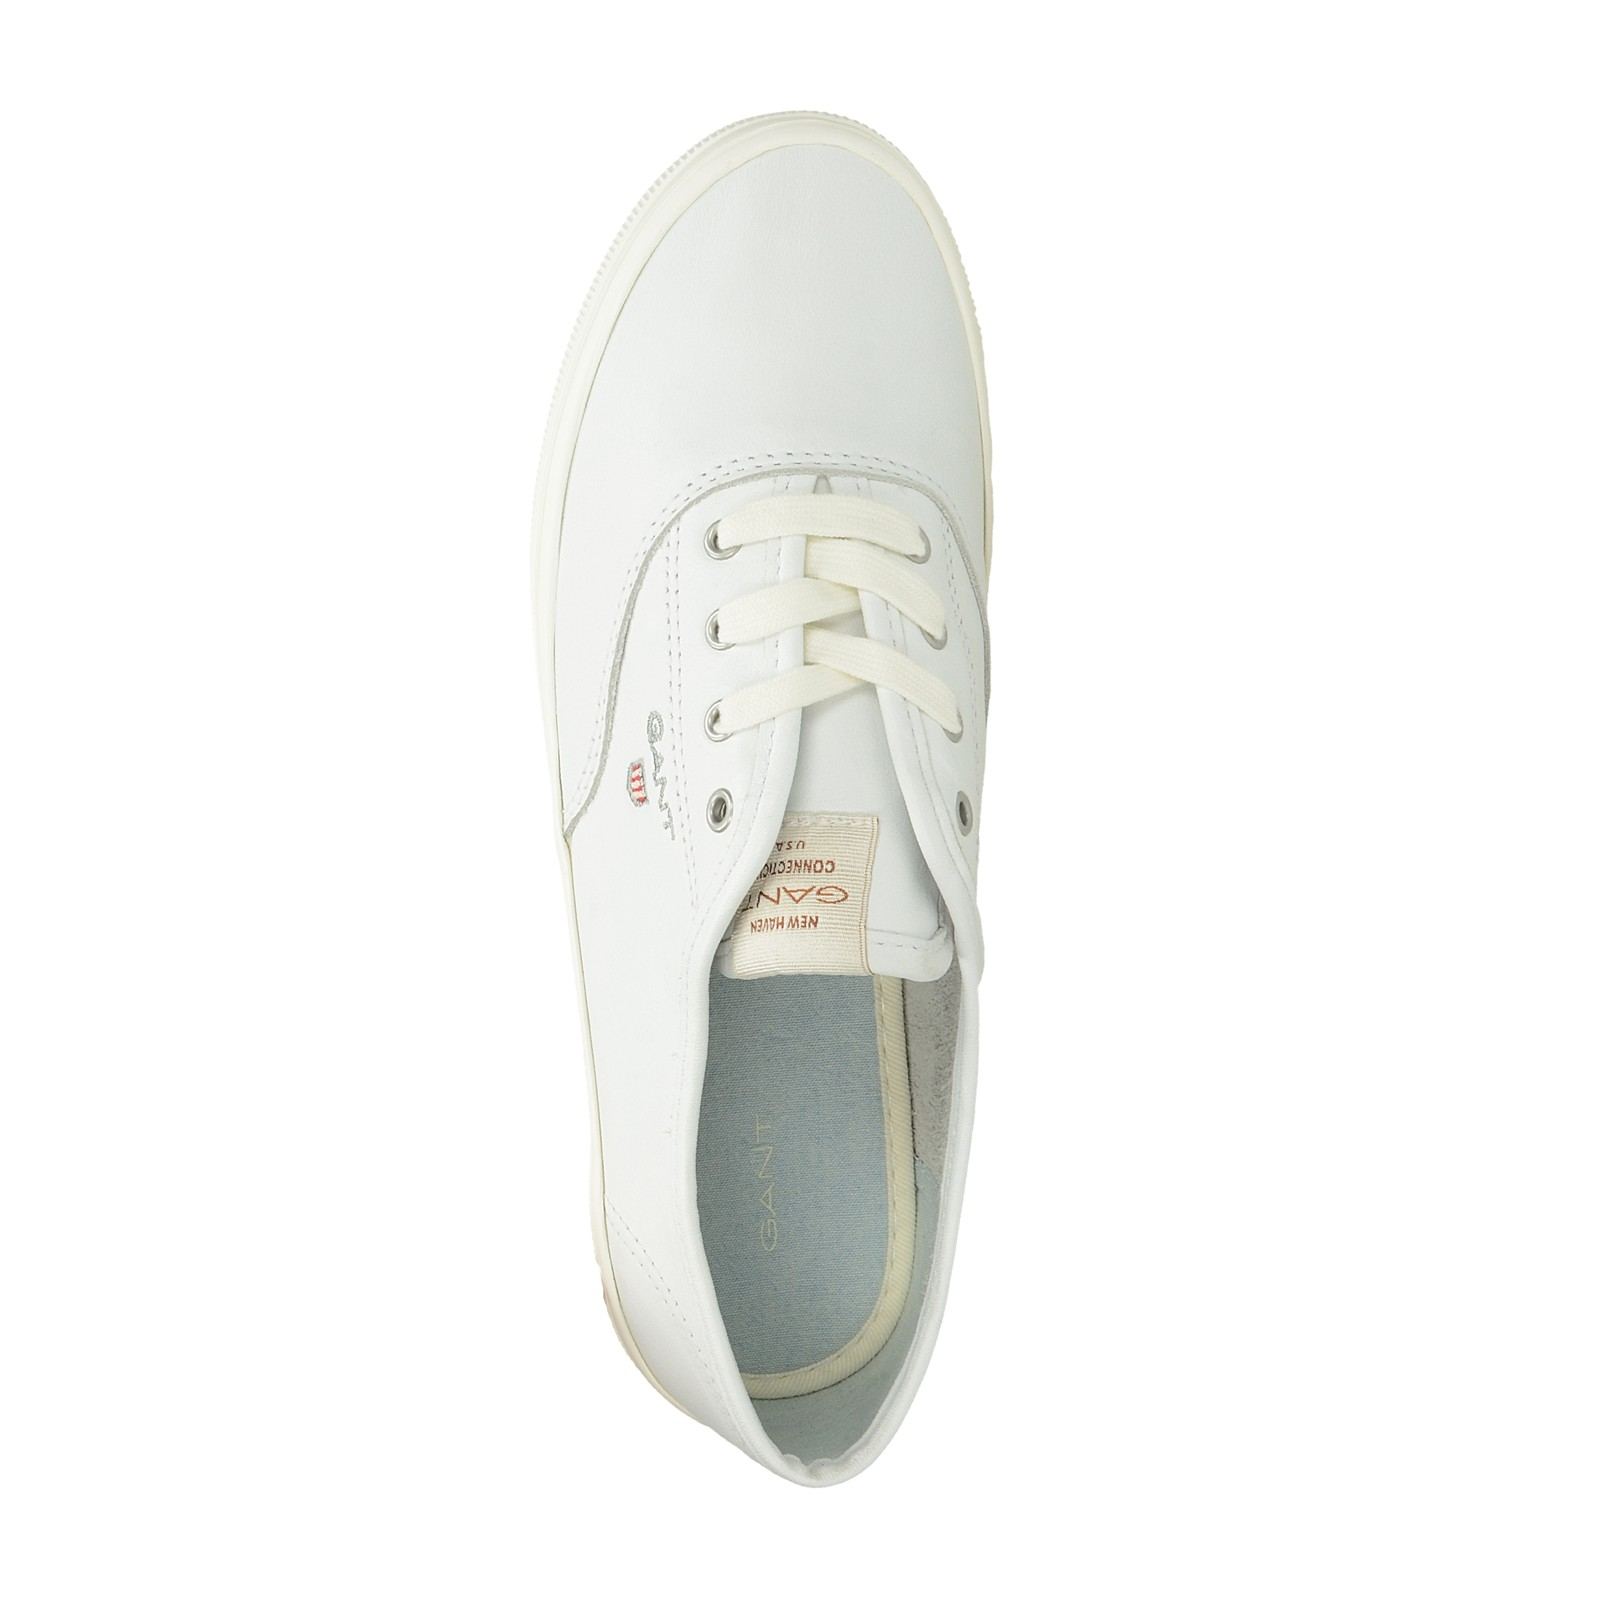 Gant dámské kožené tenisky - bílé